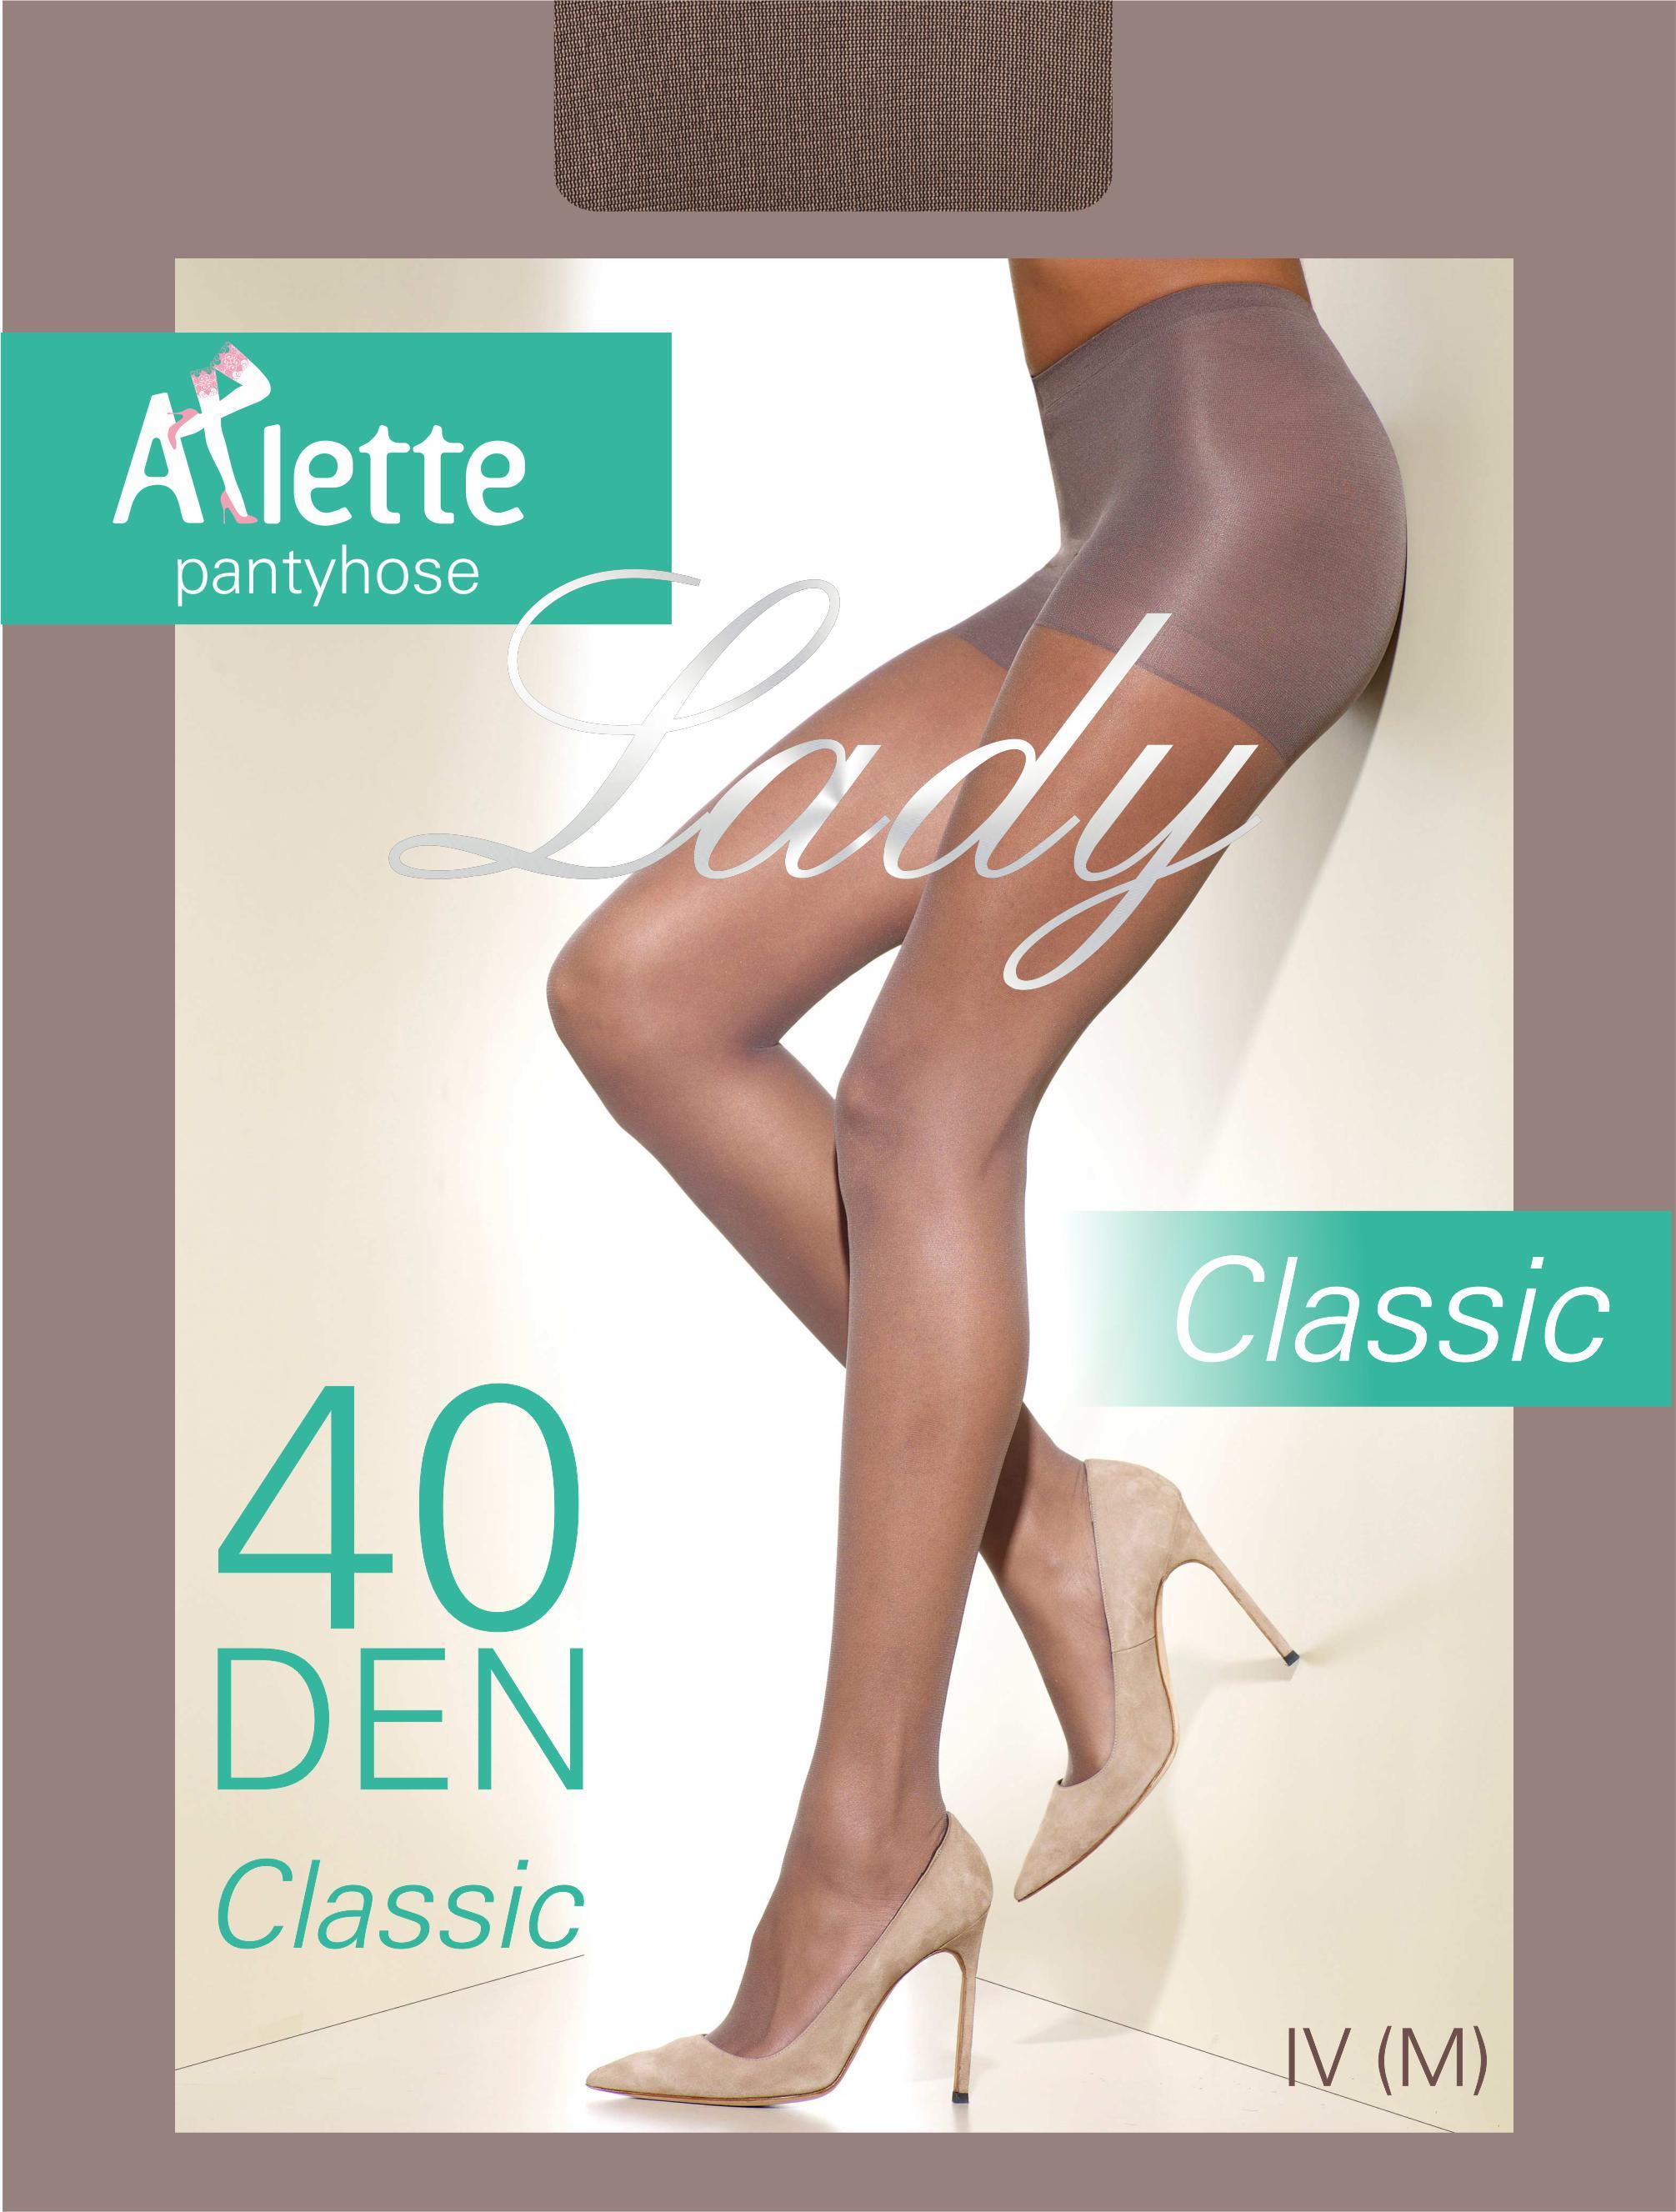 Дизайн упаковки женских колготок фото f_4955992cfbb6760f.jpg